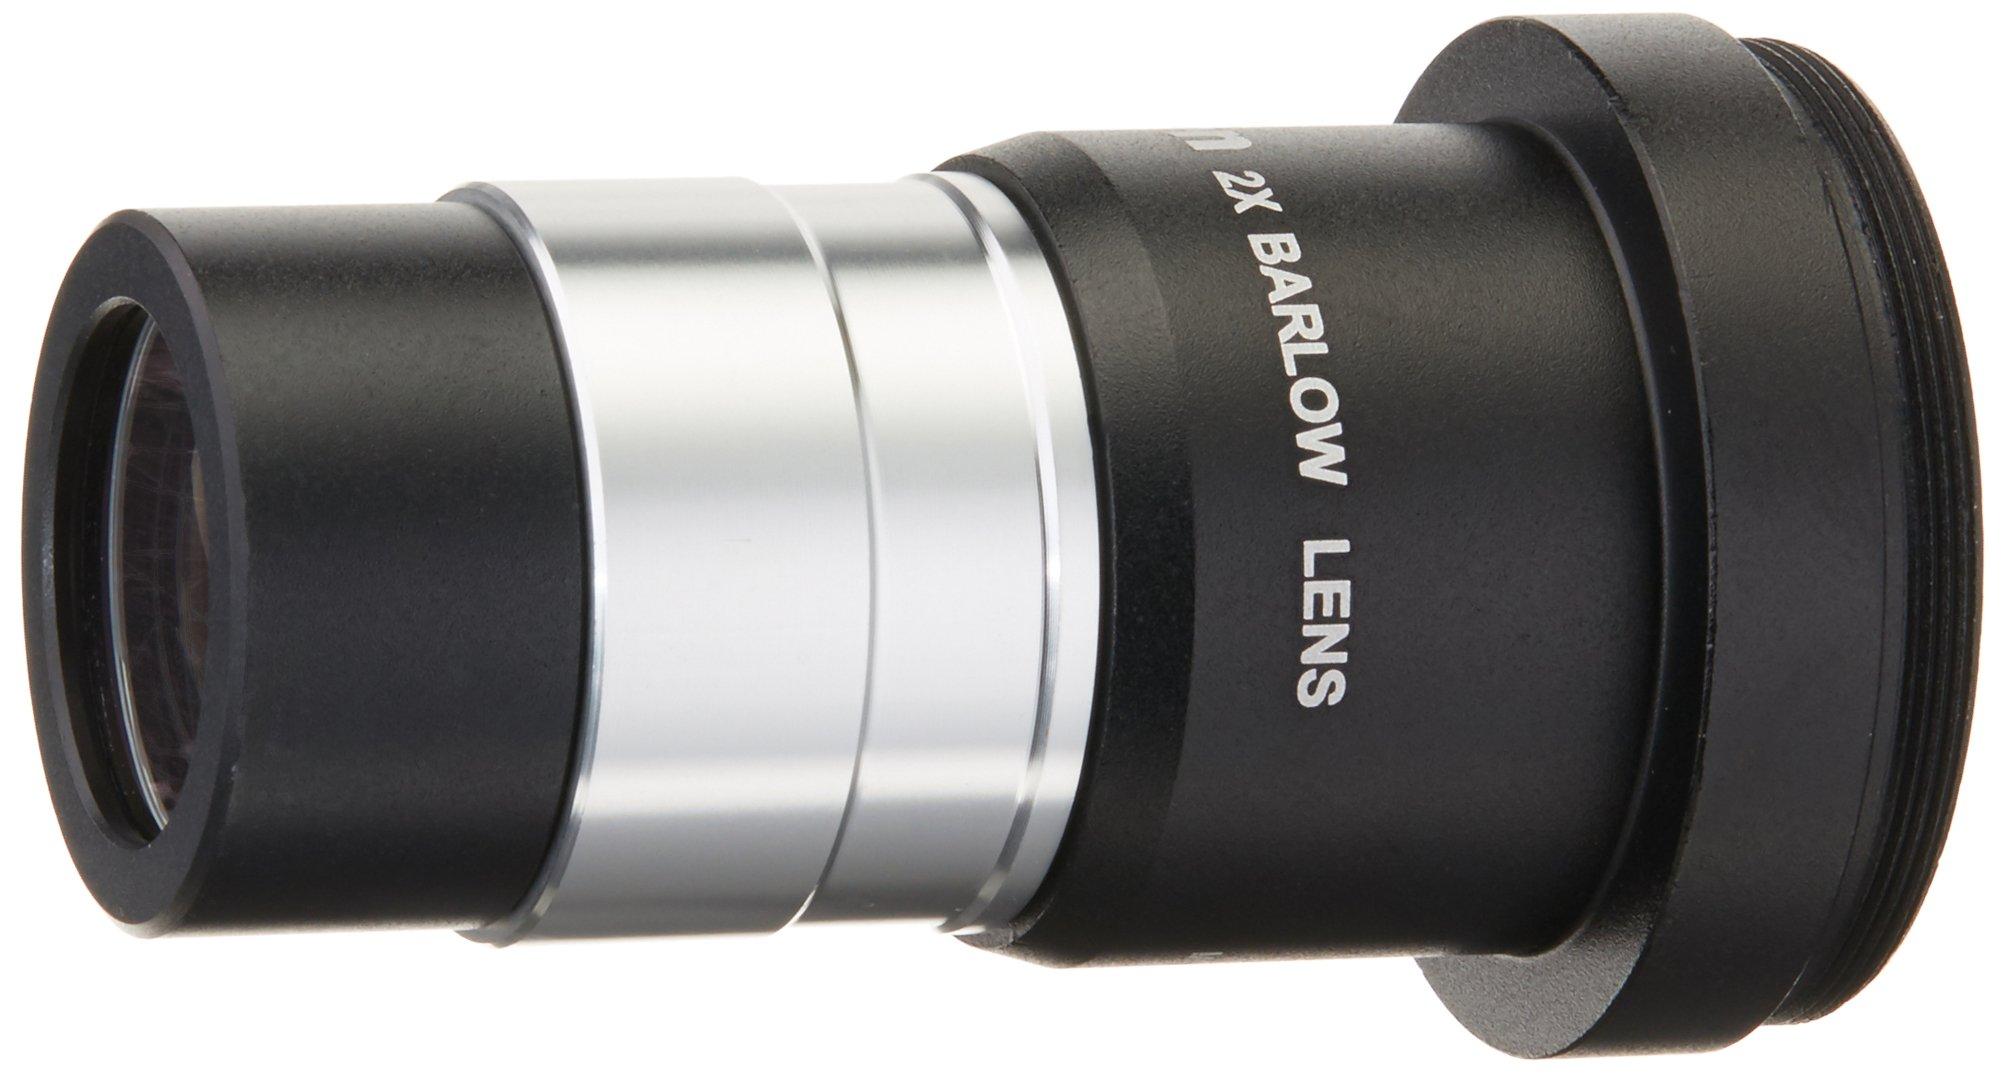 Vixen 2X Barlow Lens T (1 1/4 inch) 3907 by Vixen Optics